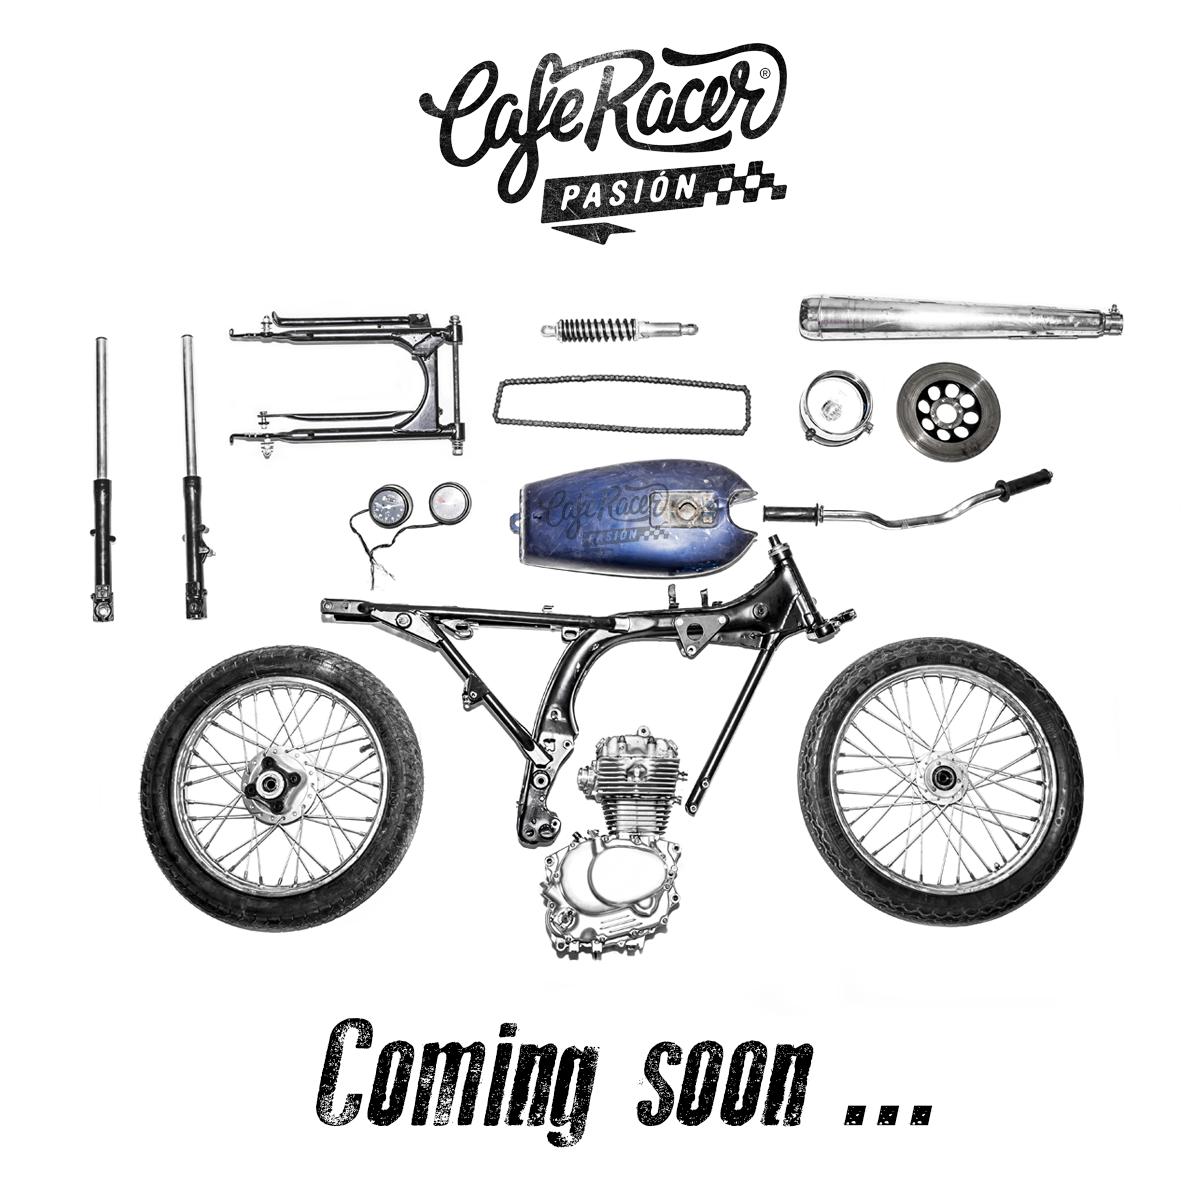 Coming Soon Honda Cb 125 S Caferacer Little Racer